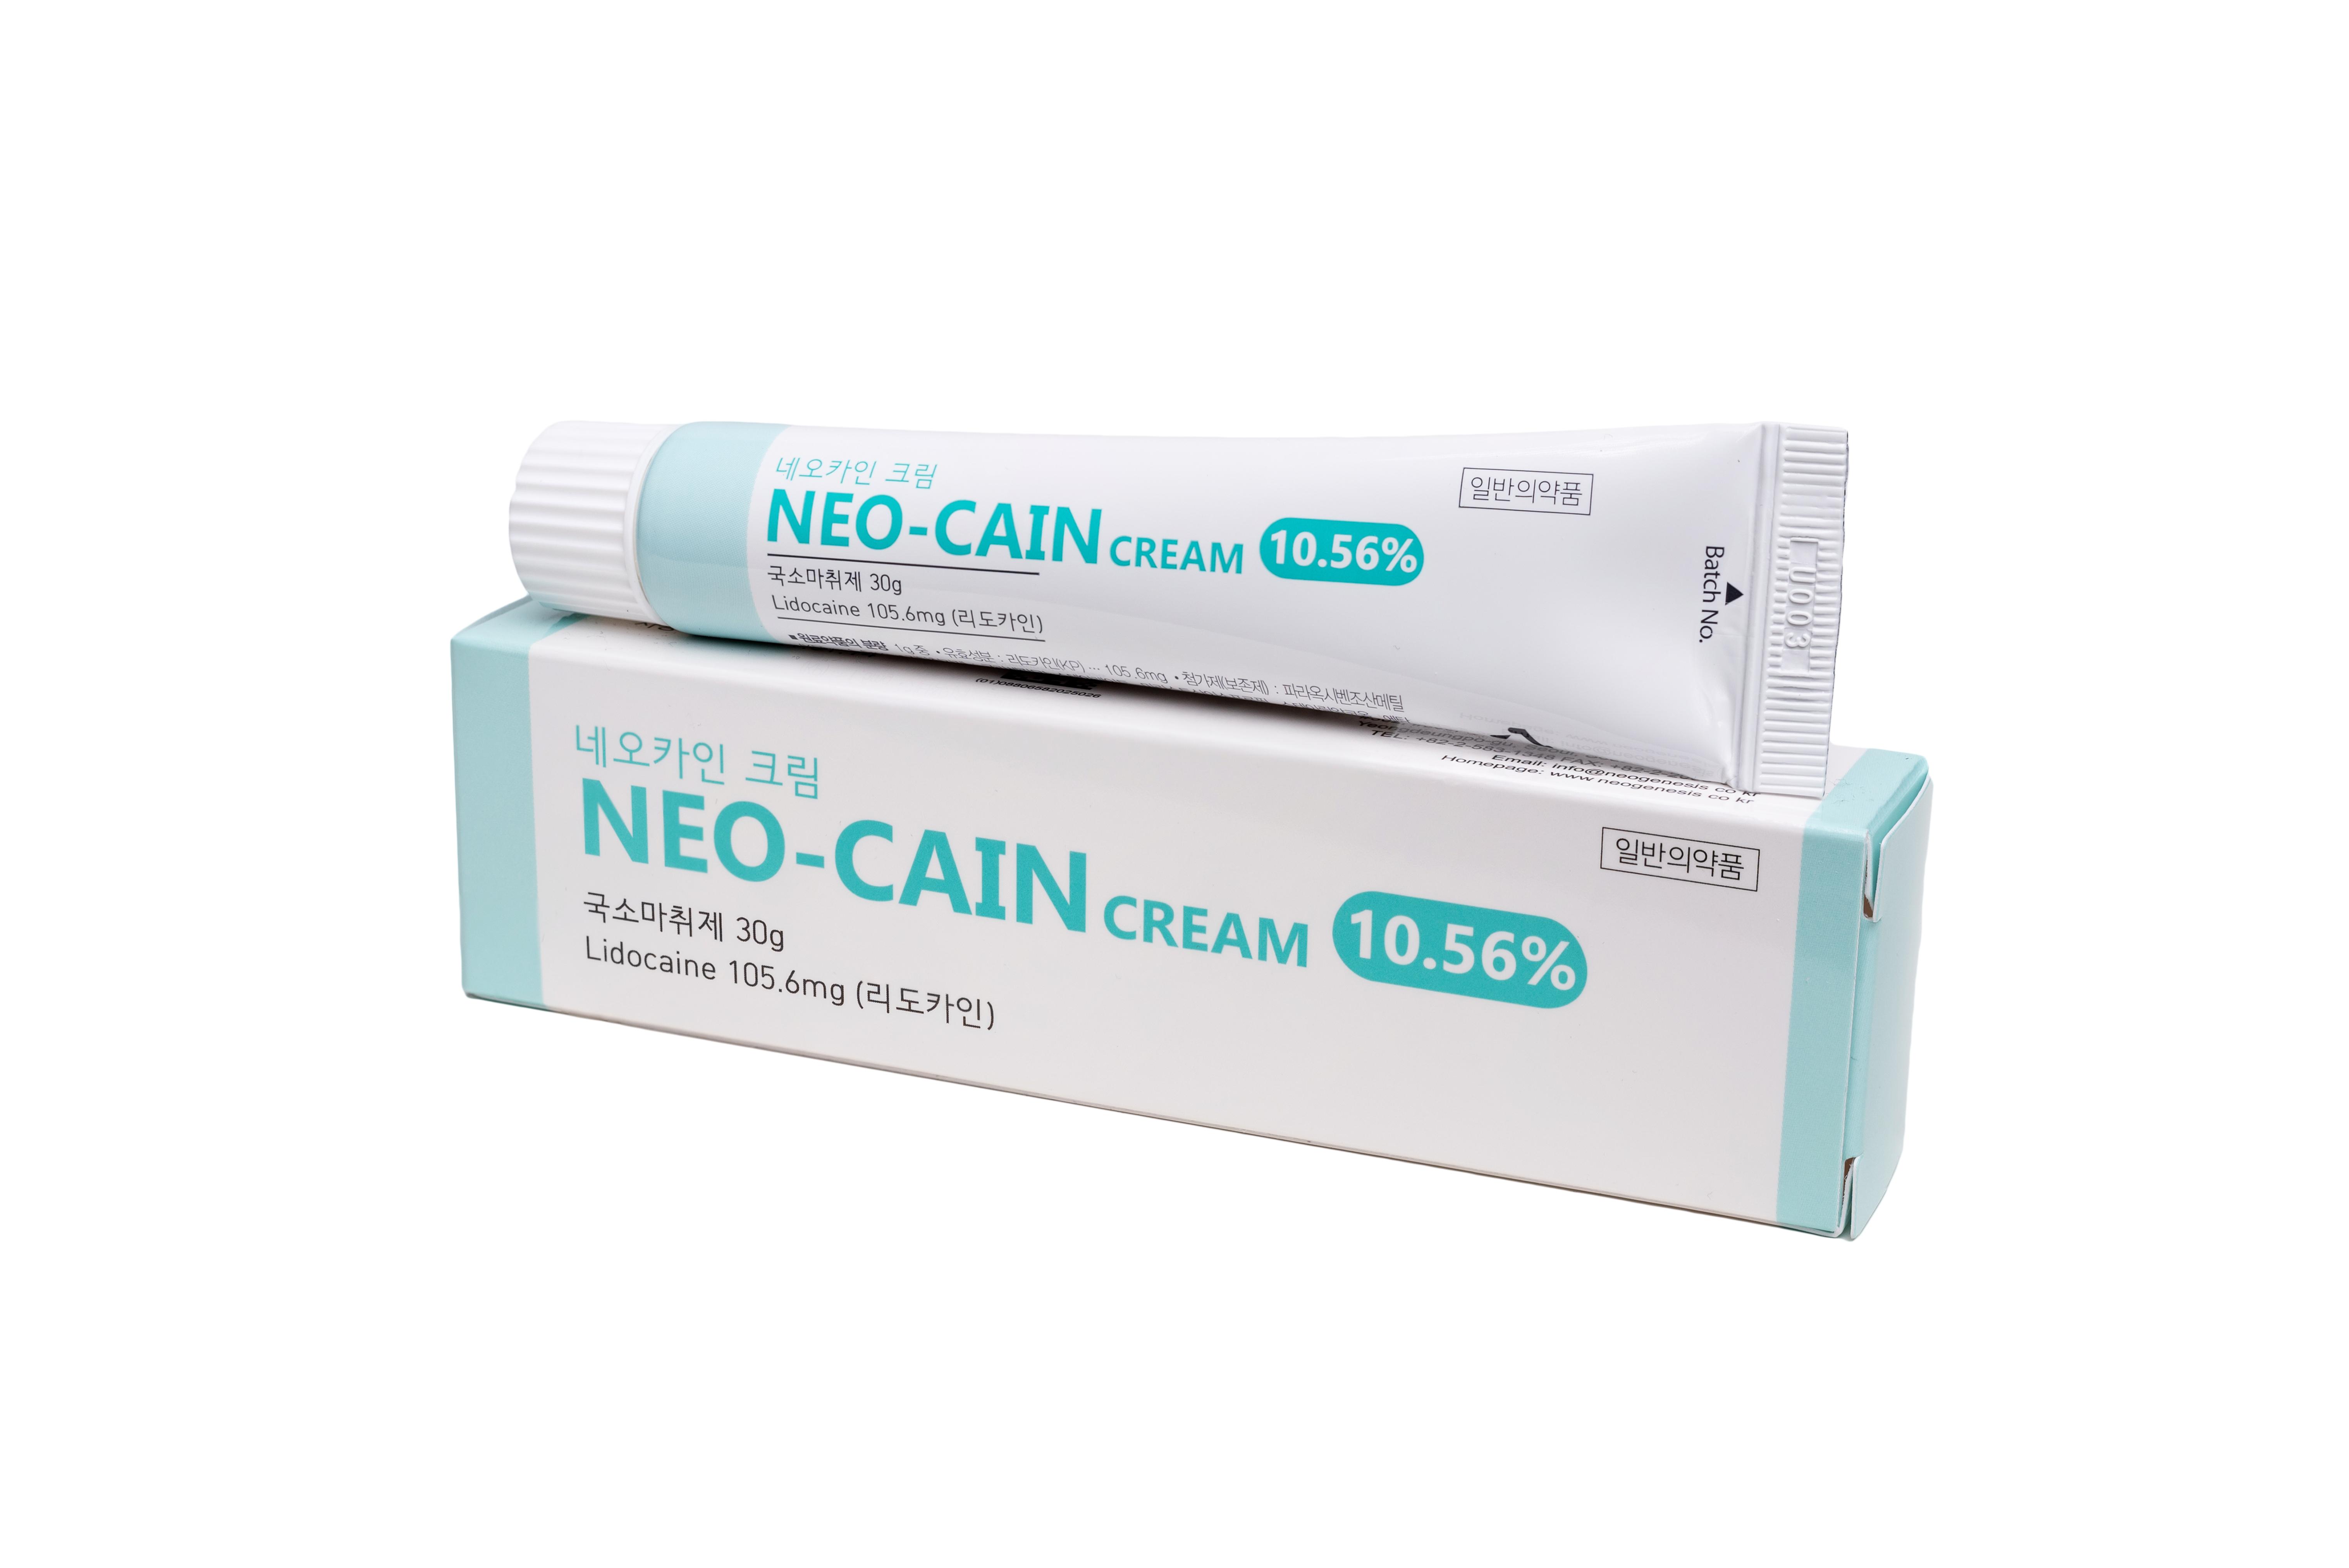 neo-cain-znieczulenie-krem-znieczulajacy-lidokaina-hurtownia-kosmetyczna-cosmed24